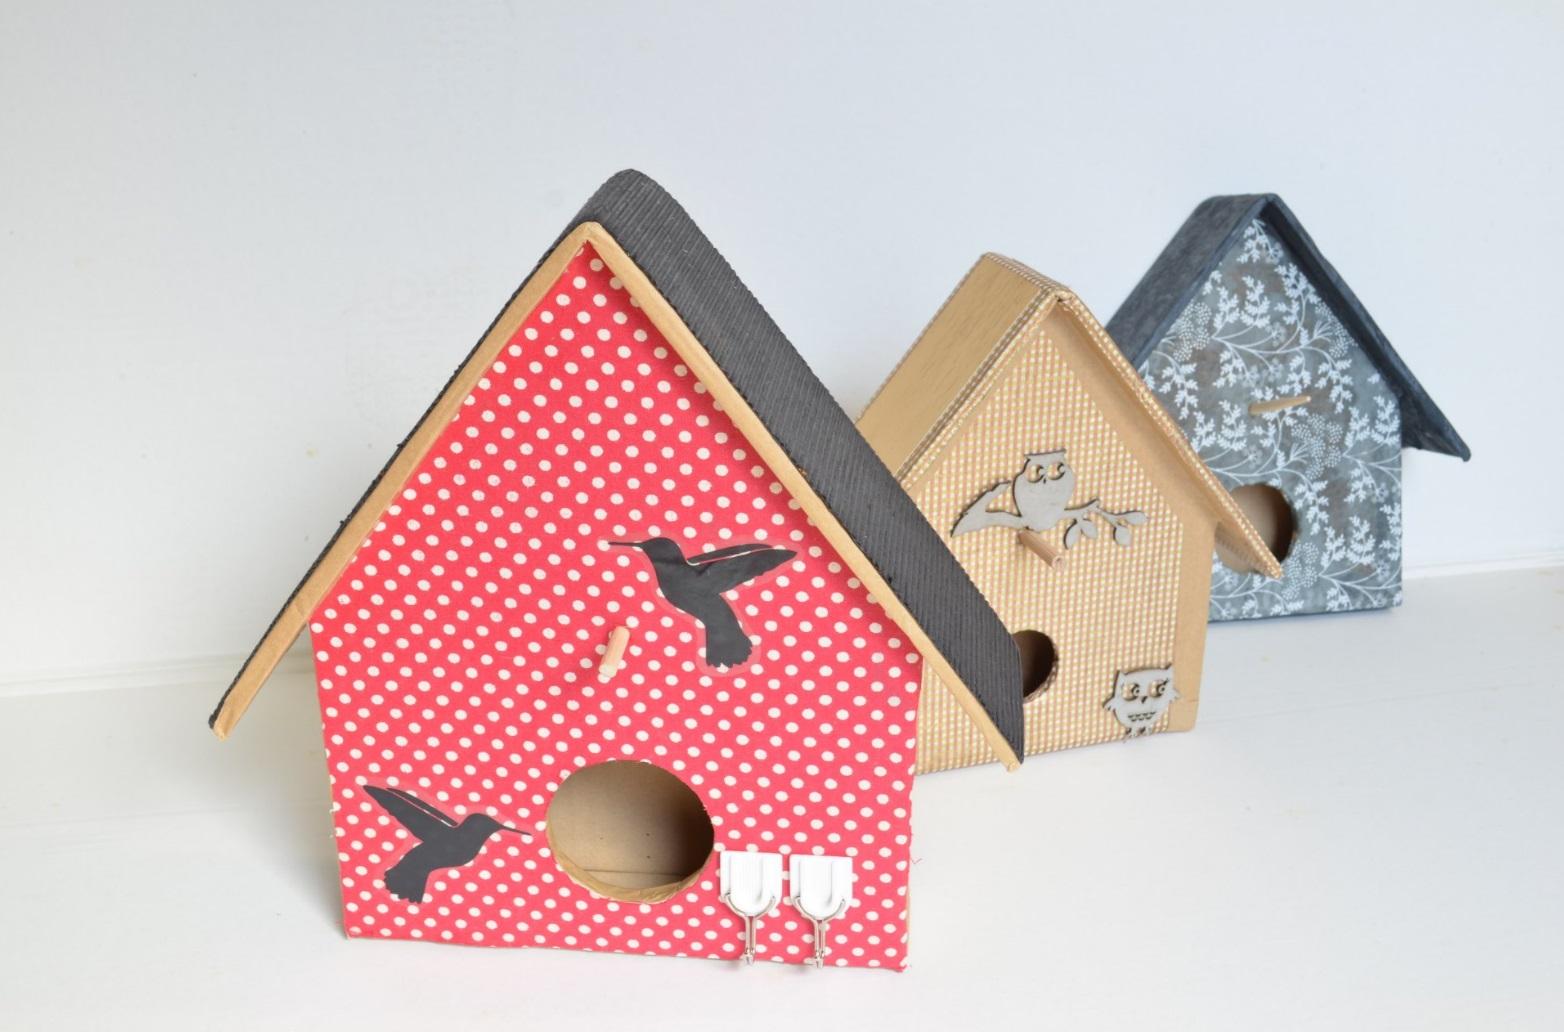 Cabane a oiseau en carton